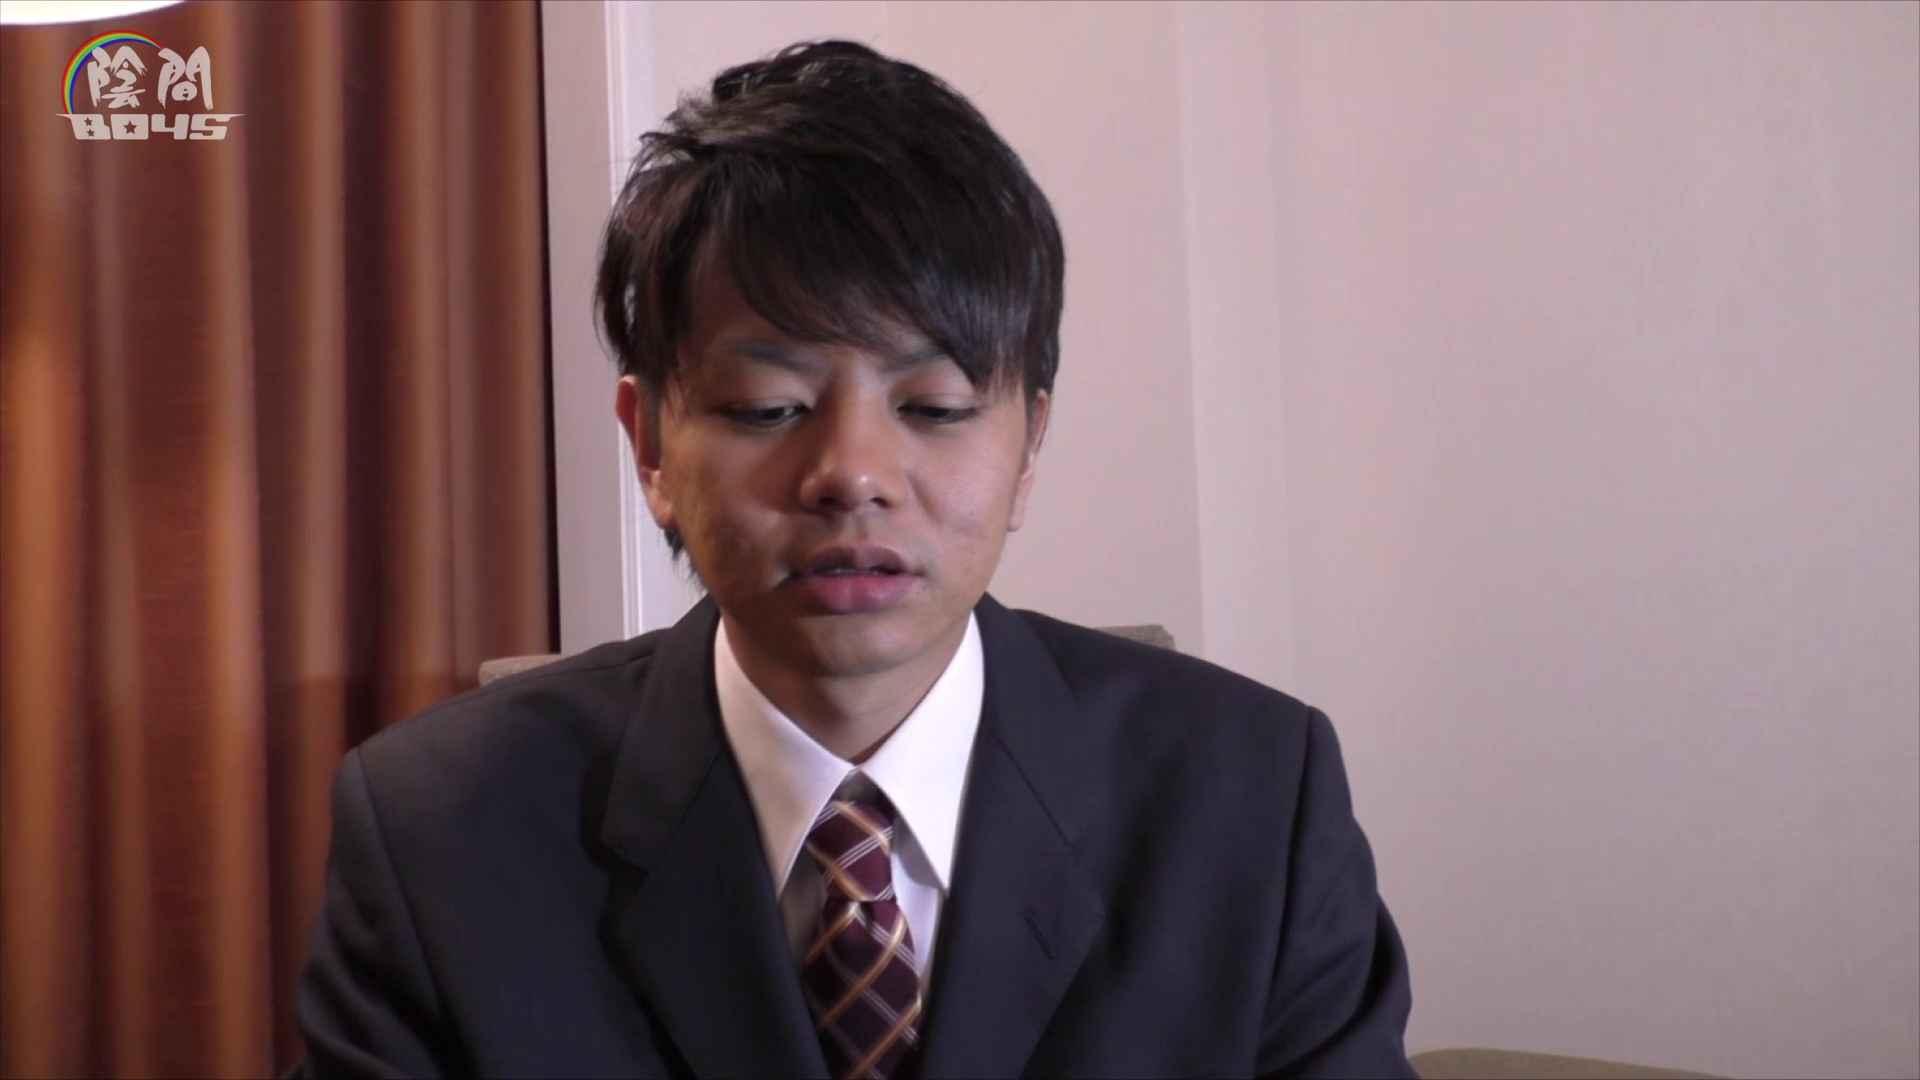 陰間BOYS~キャバクラの仕事はアナルから4 Vol.01 男どうし ゲイモロ画像 108pic 50